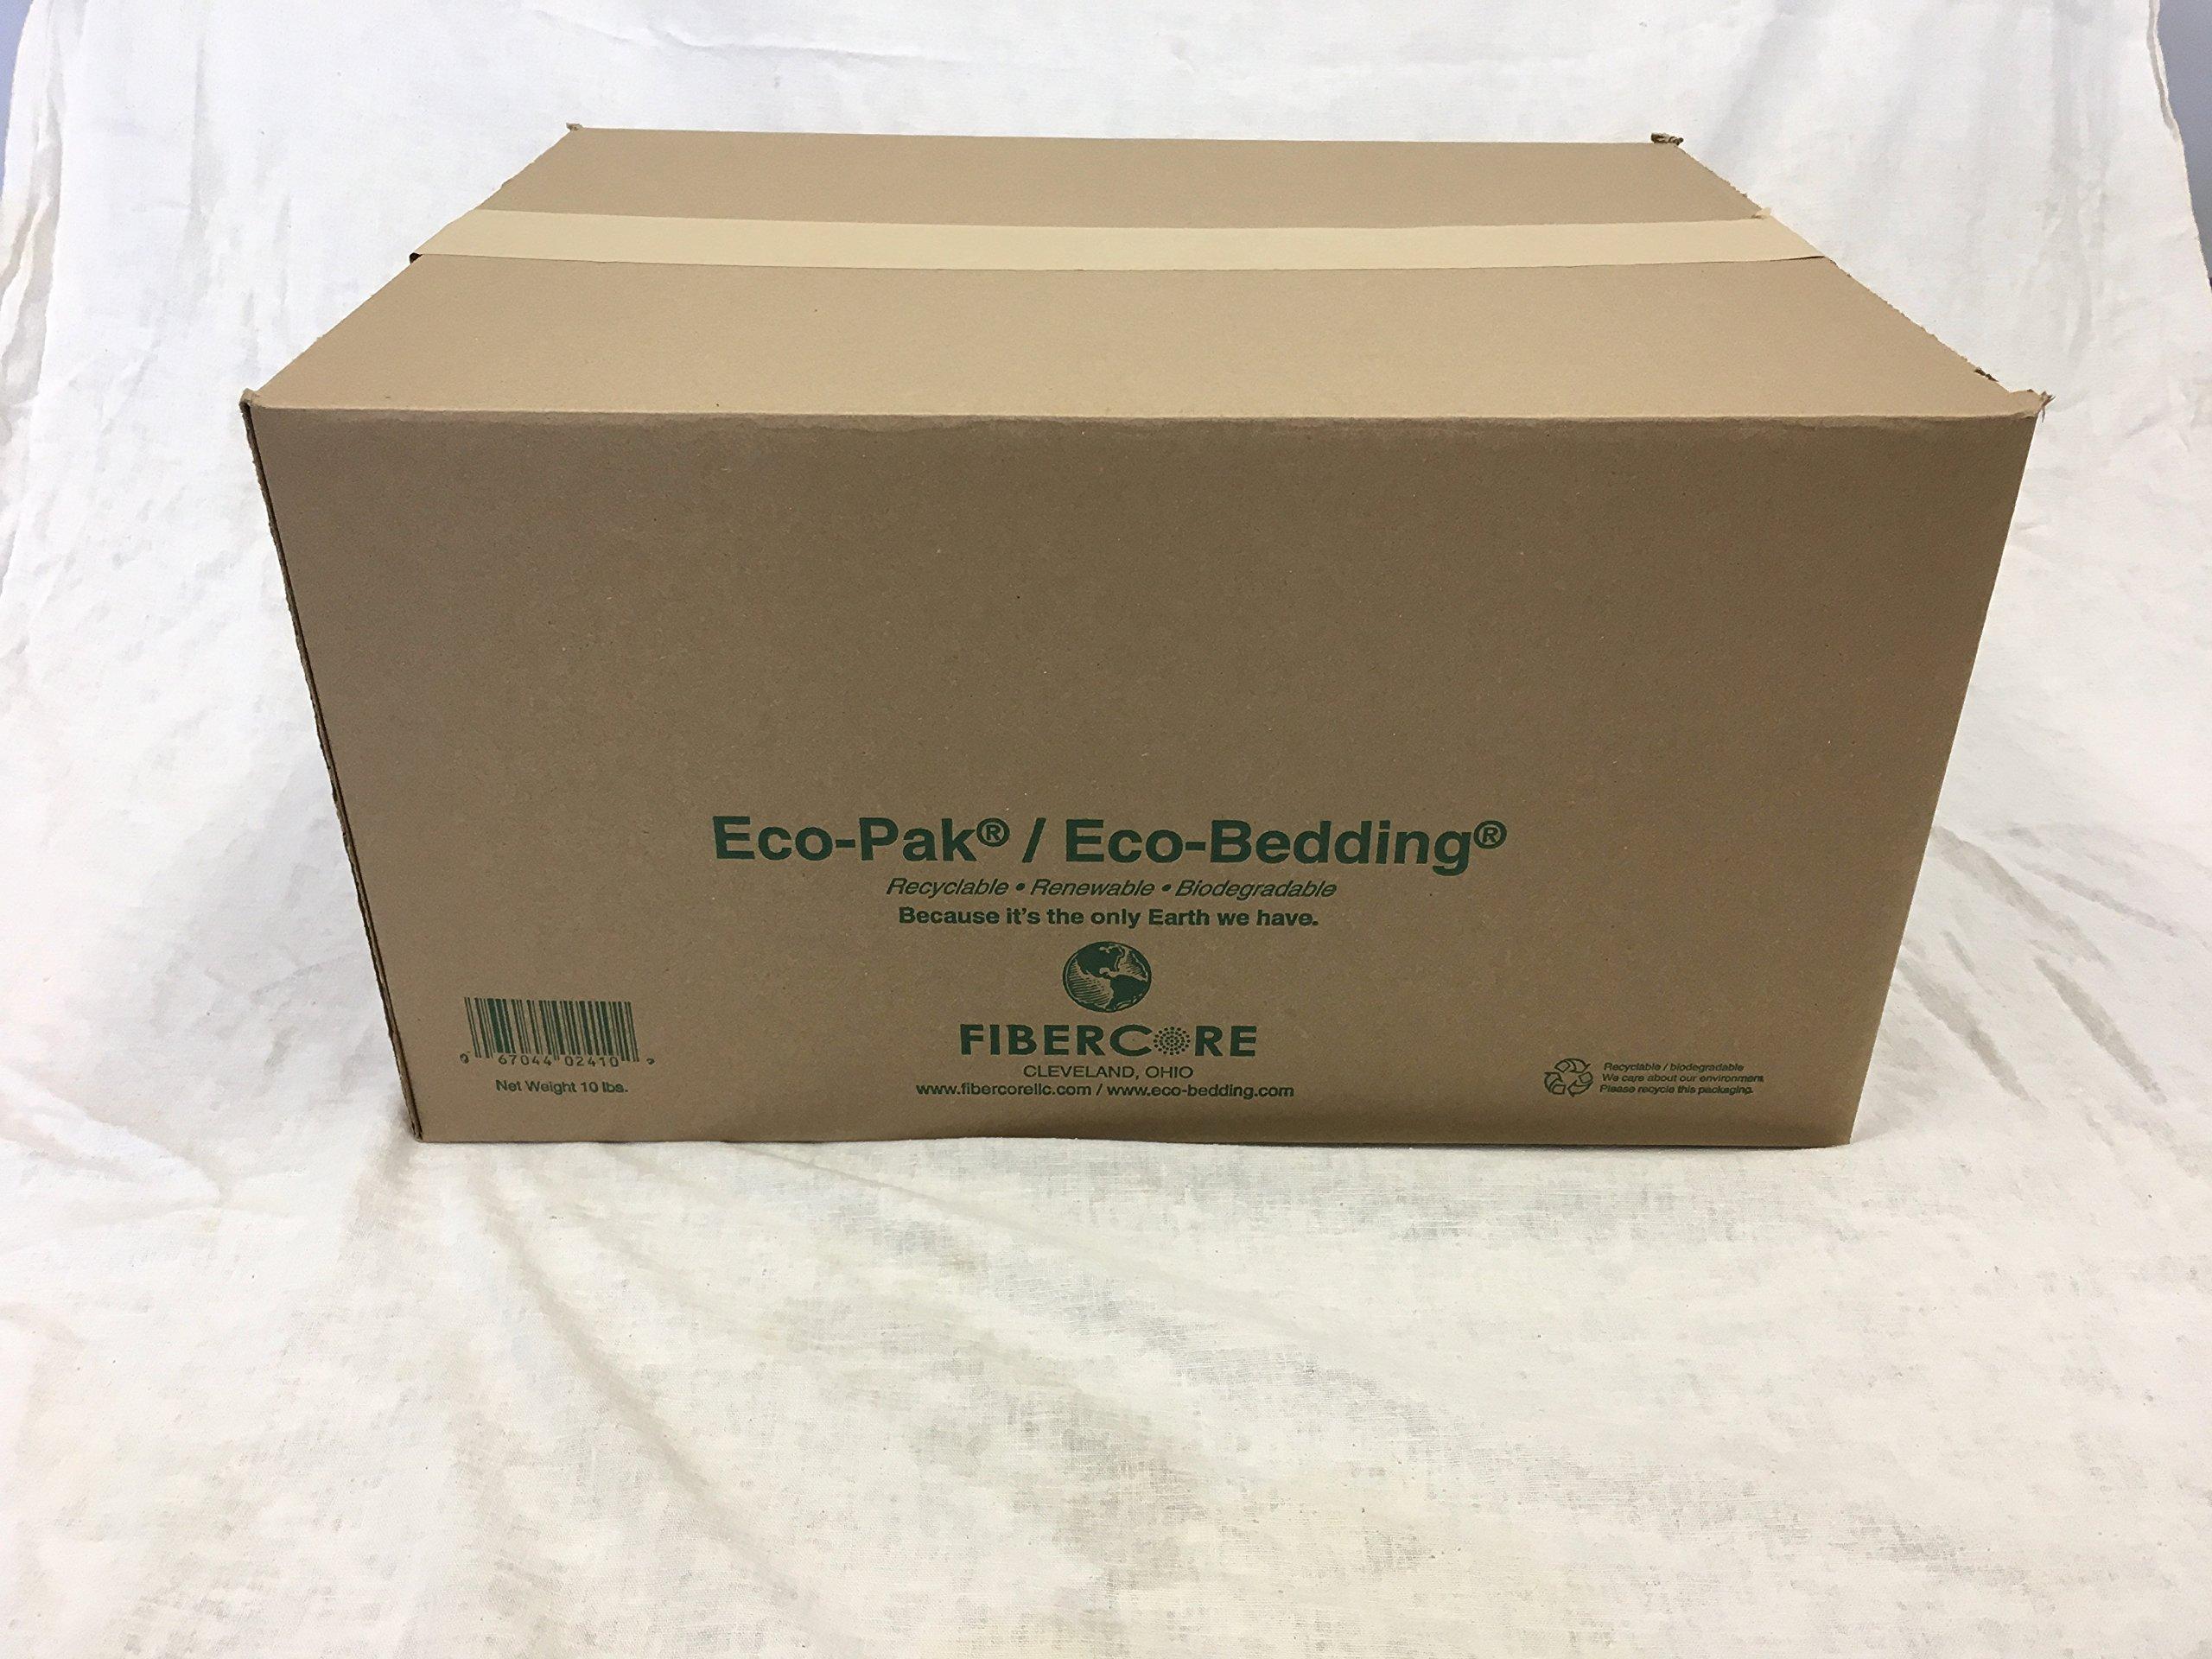 FiberCore Box Eco-Bedding, Brown, 10 lb by FiberCore